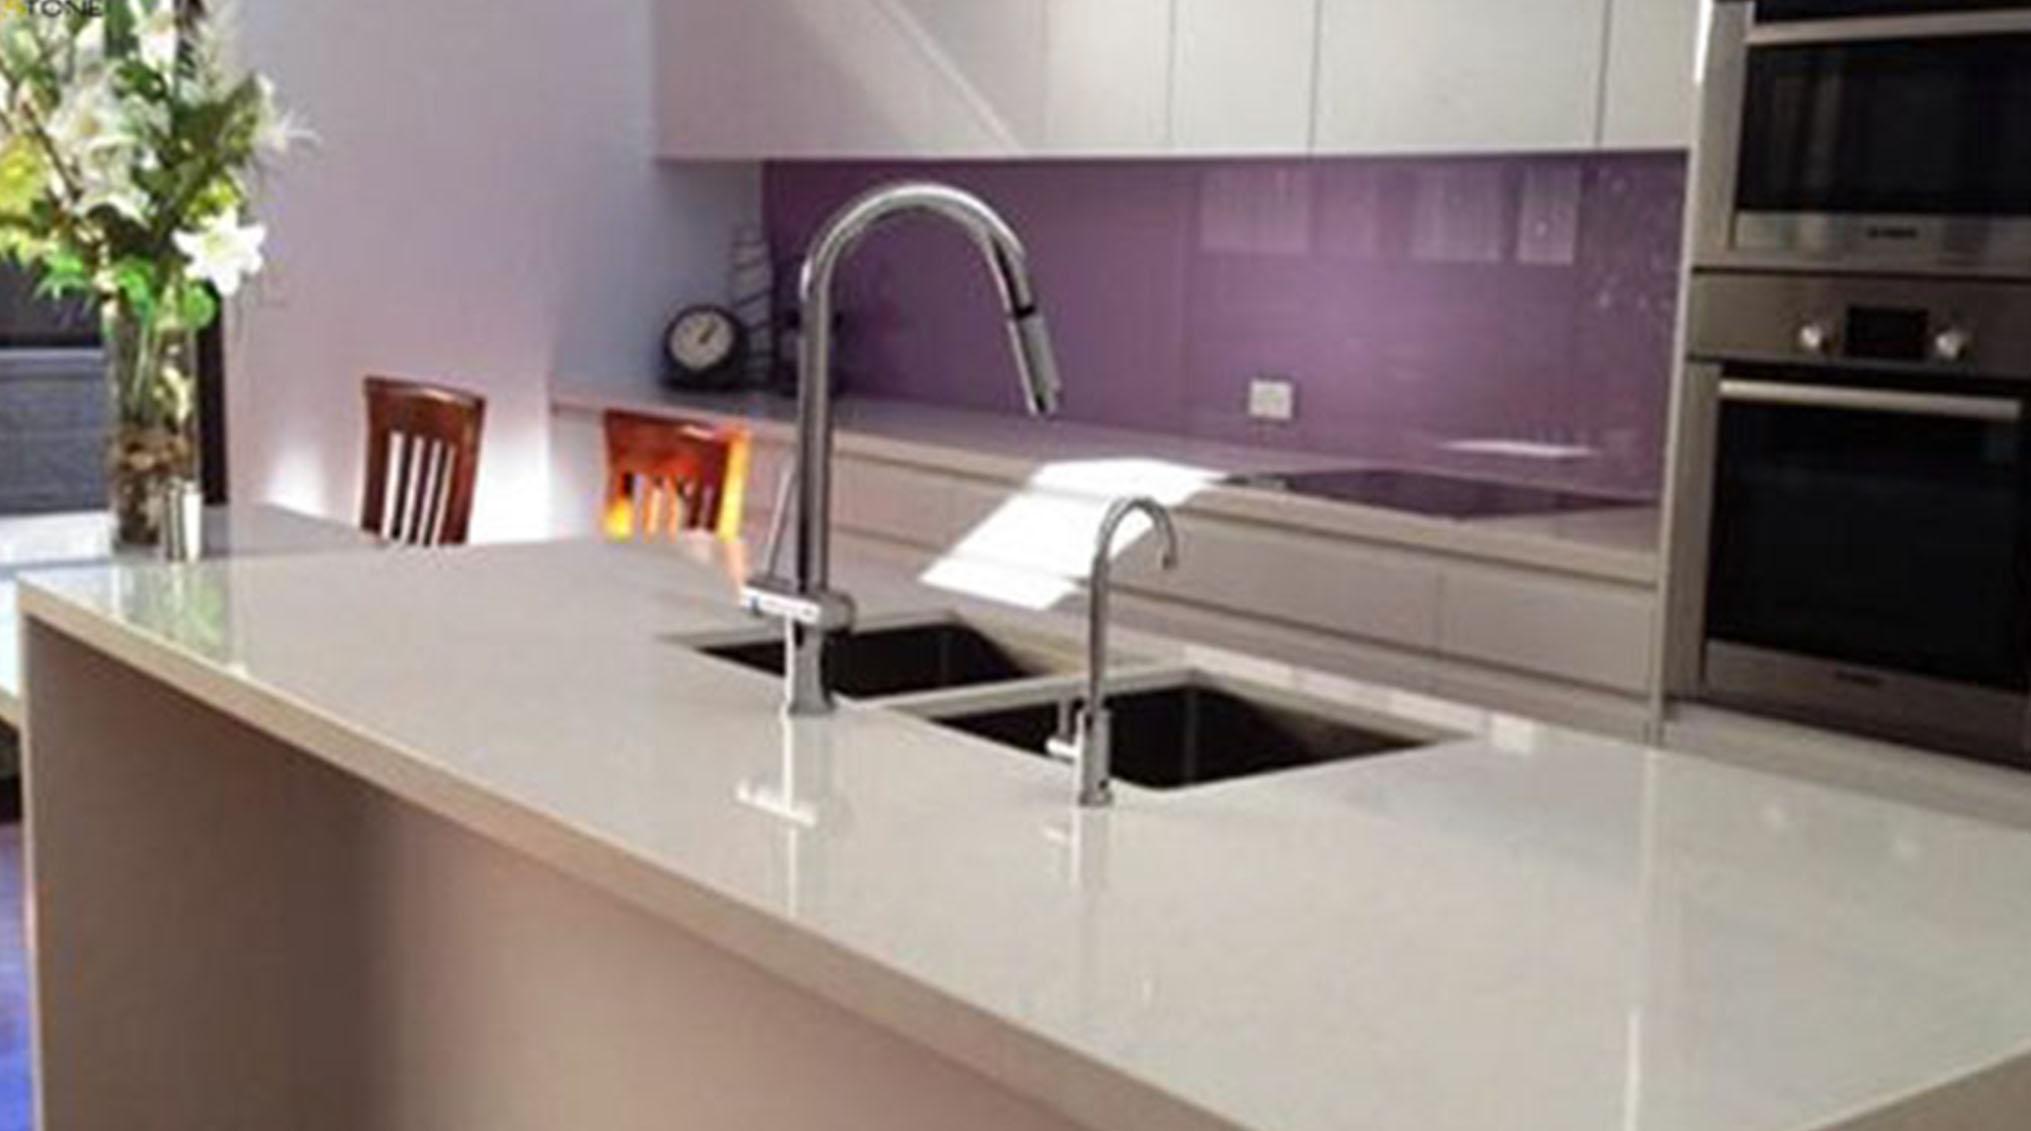 در خانهتکانی آمادگی برای آشپزخانه بیشترین زمان را در خانهتکانی به خود اختصاص میدهد. برای سروسامان دادن به آشپزخانه راههای مختلفی وجود دارد که کابینتها بهترین ابزار آن محسوب میشوند.